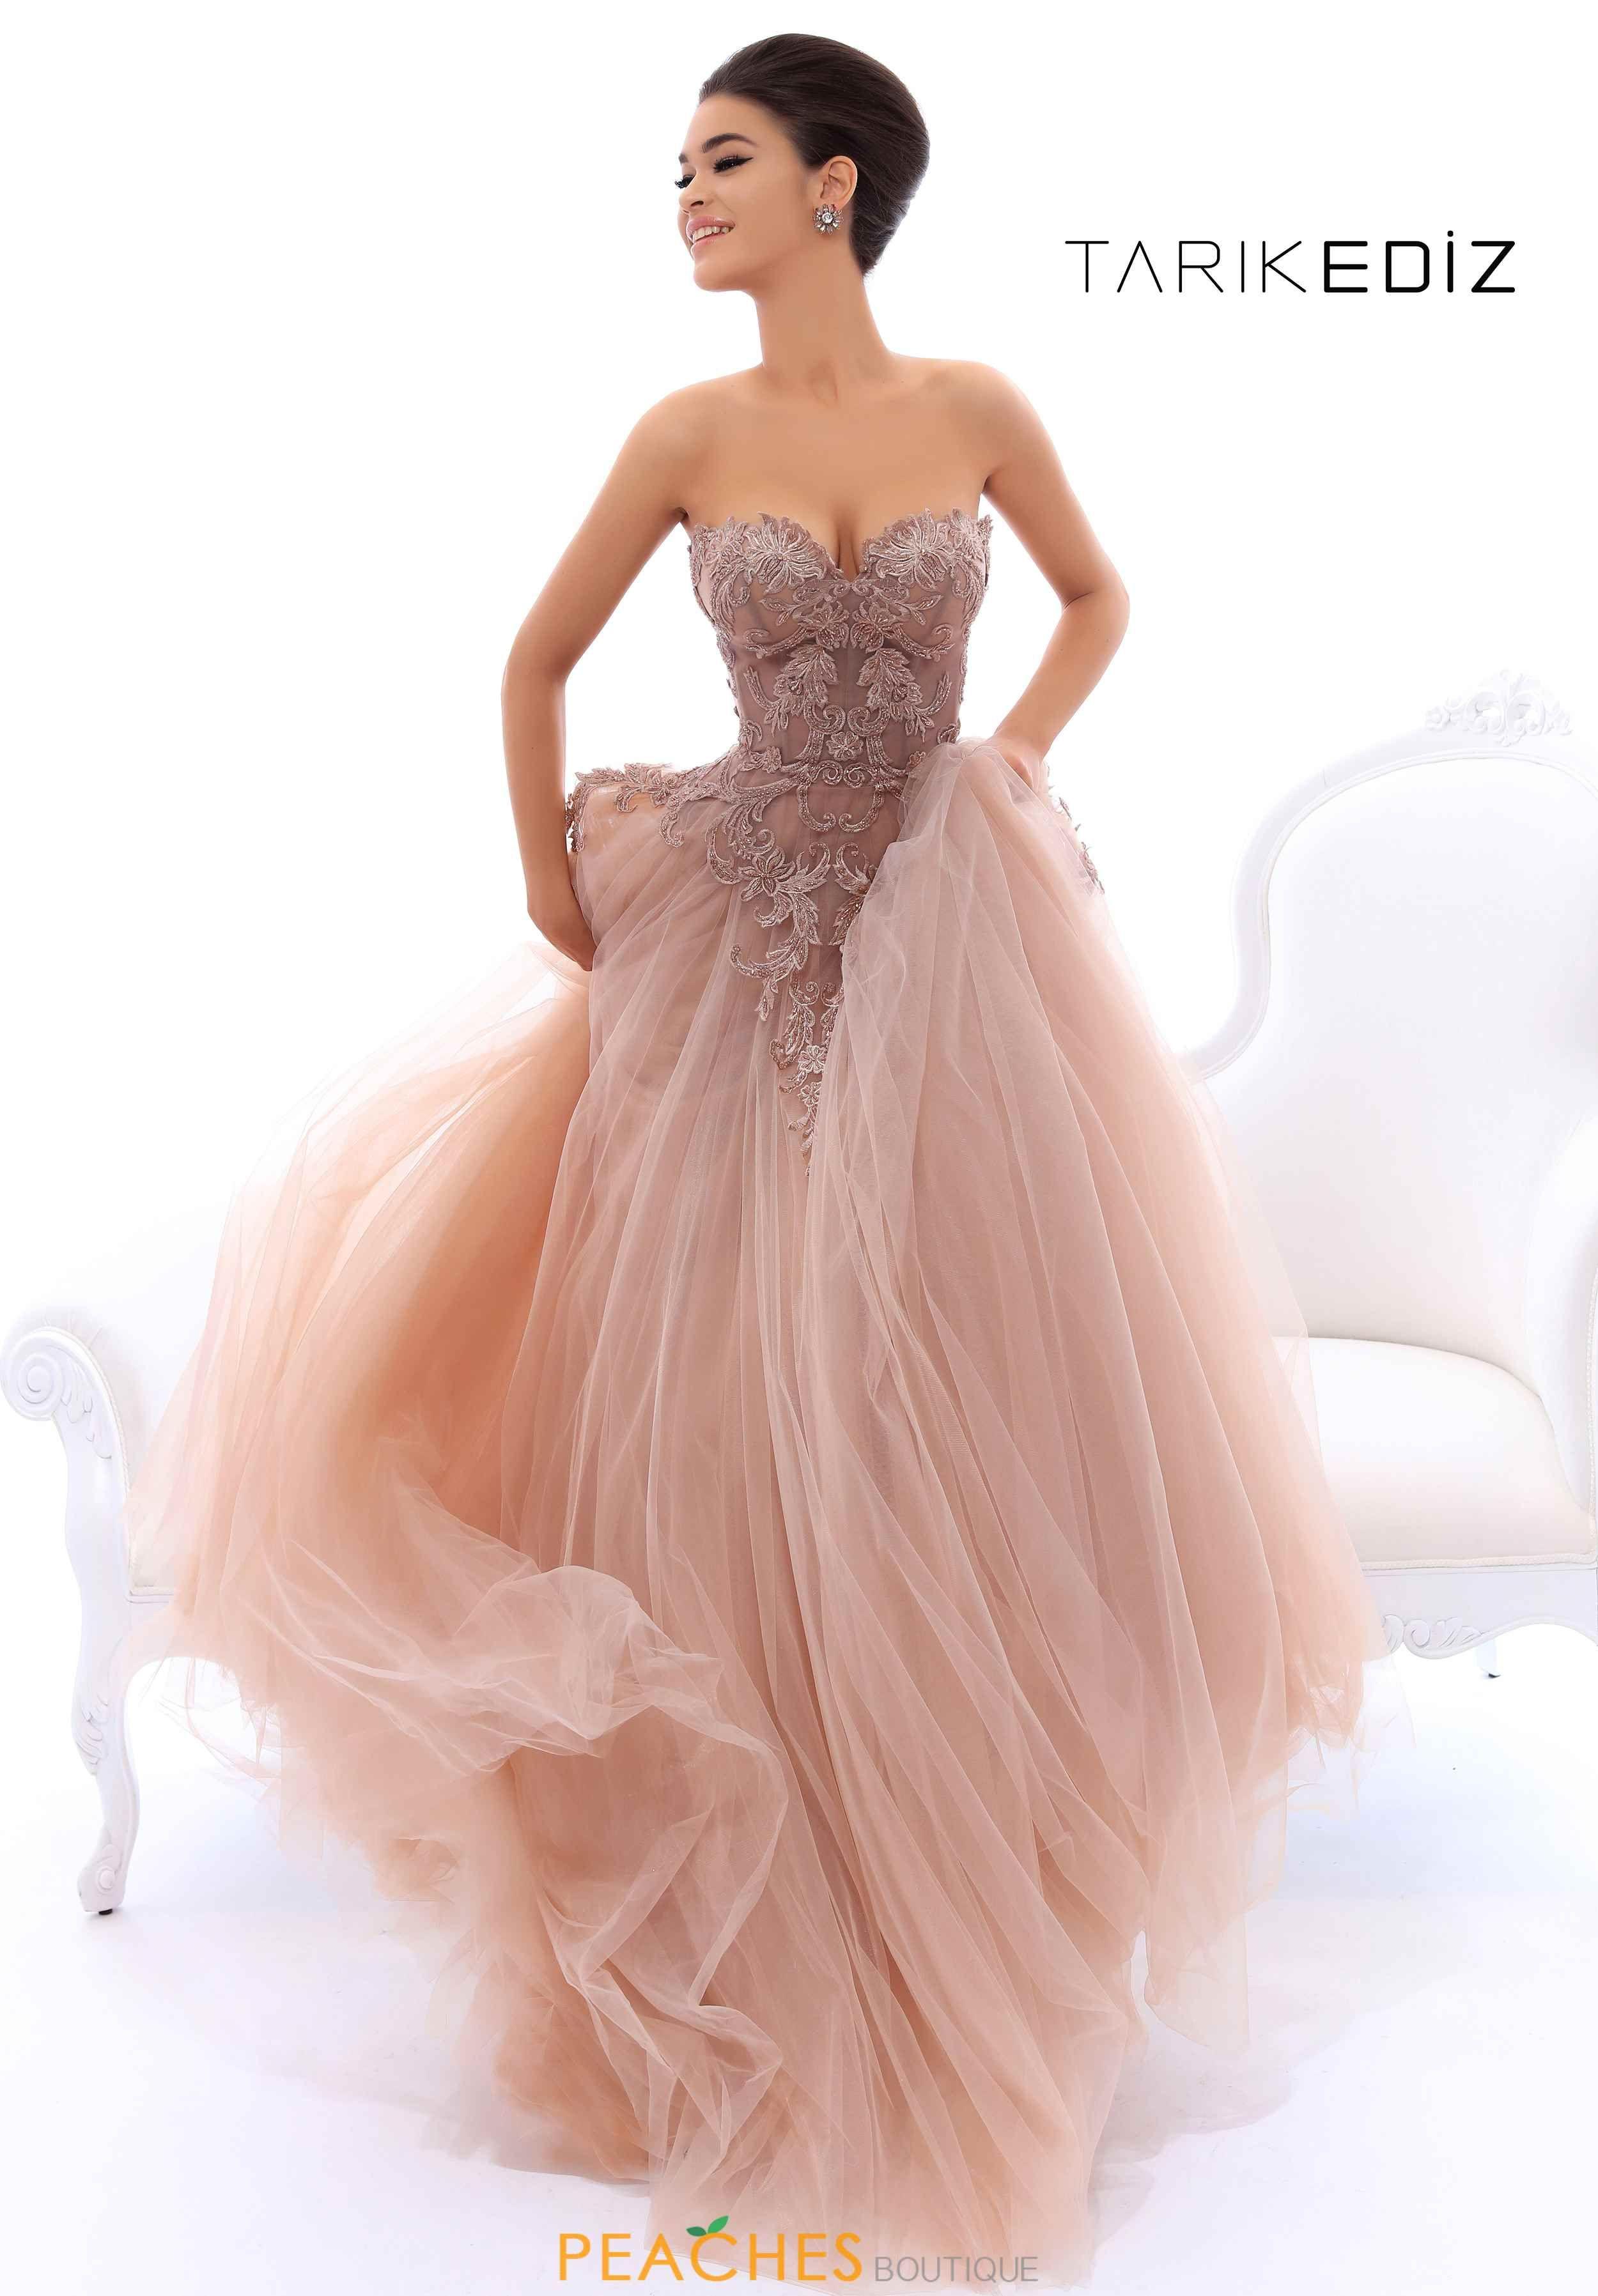 fc3a8493c0f7 Tarik Ediz Dress 93409